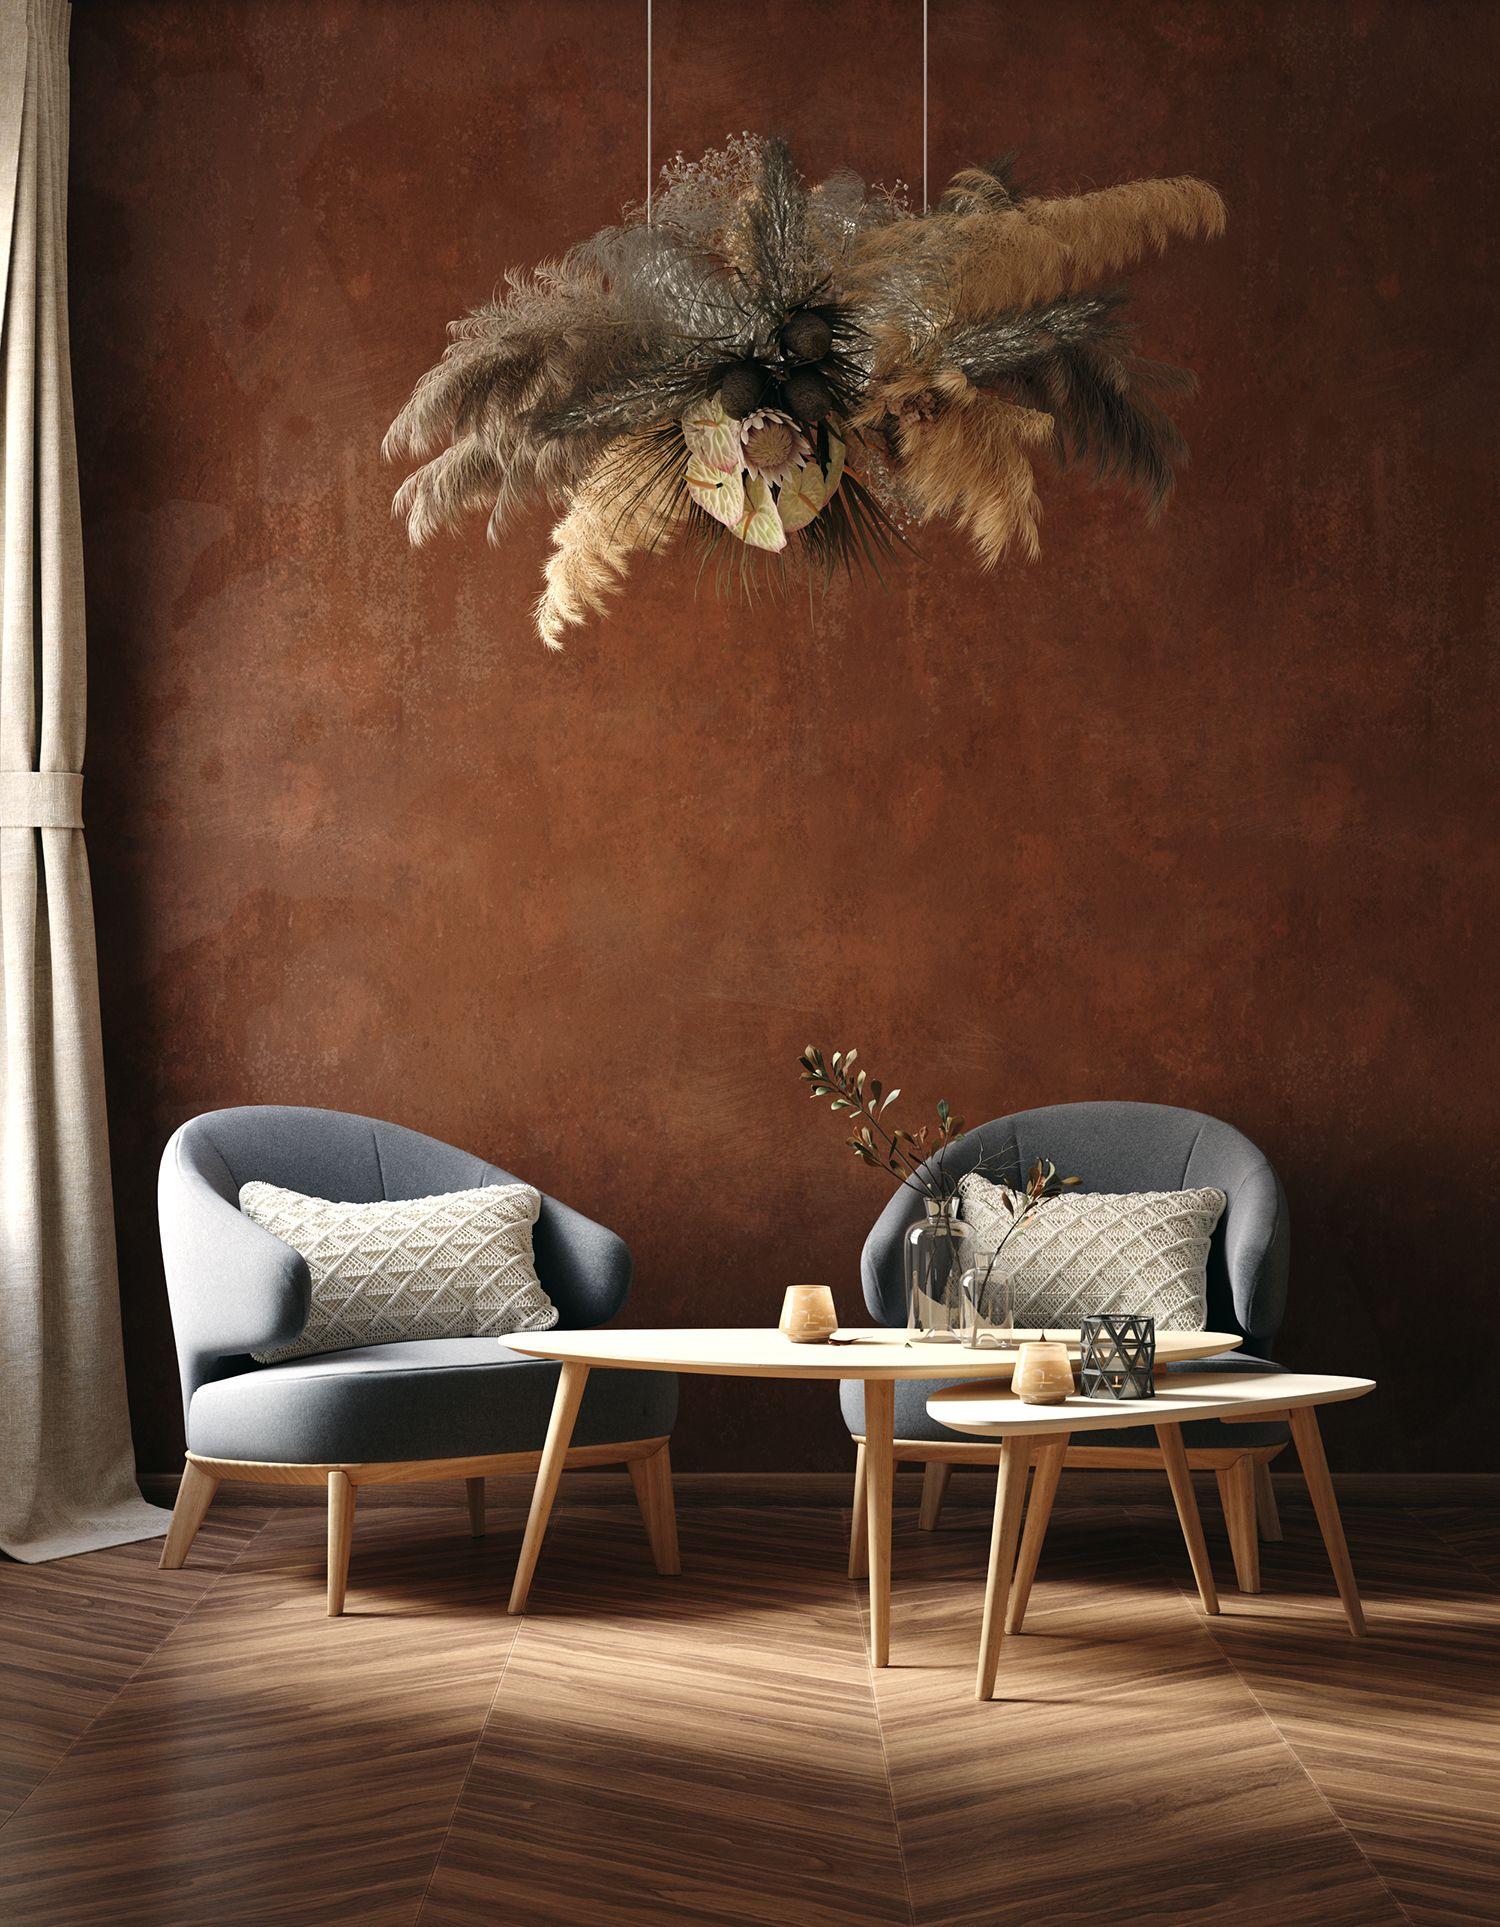 2021 Paint Color Trends, Living Room Paint Colors Ideas 2021